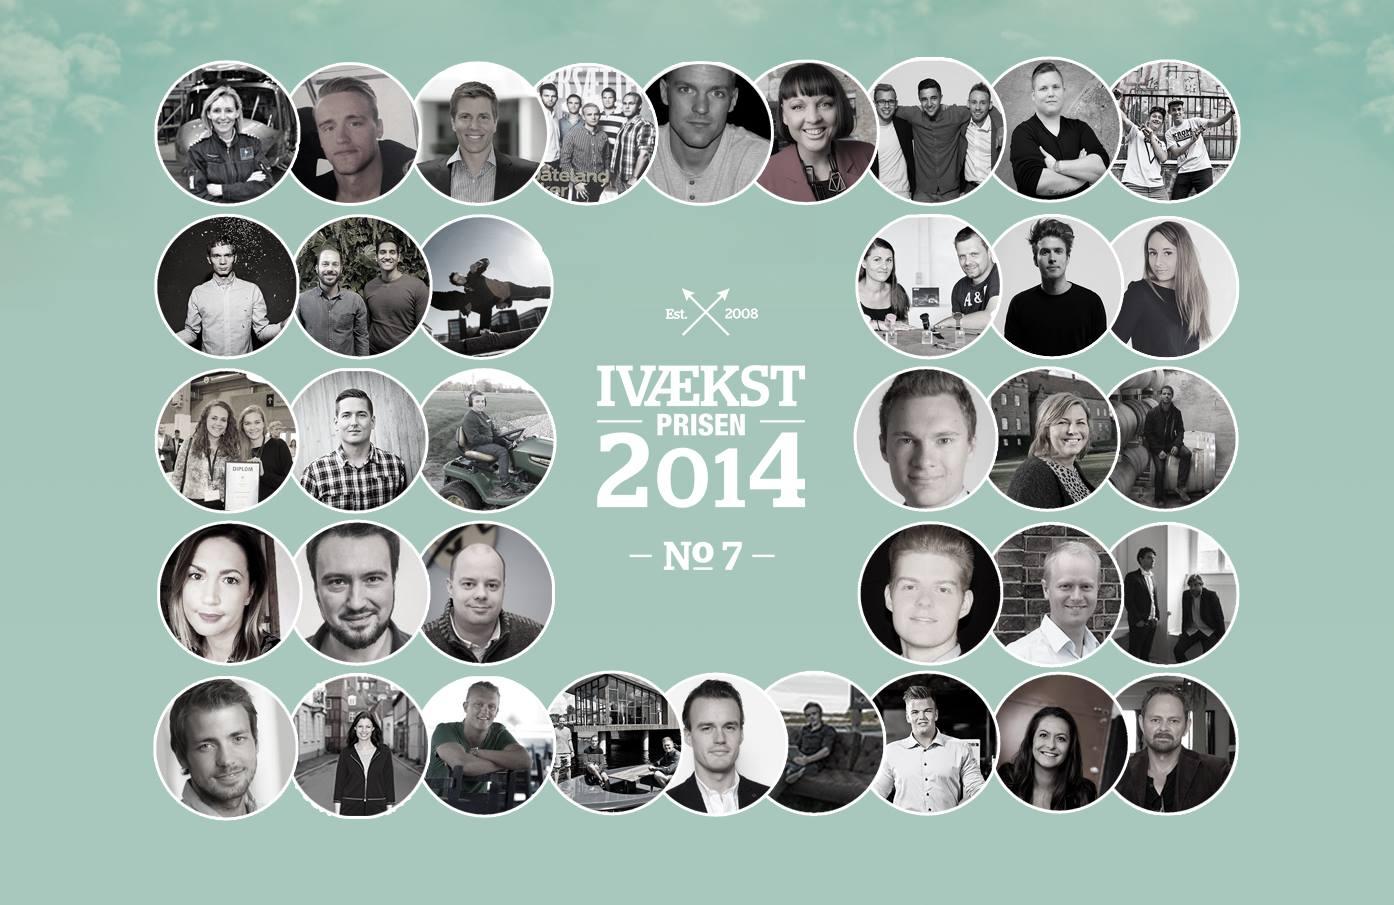 Danske startups kan løbe med IVÆKSTpriserne 2014